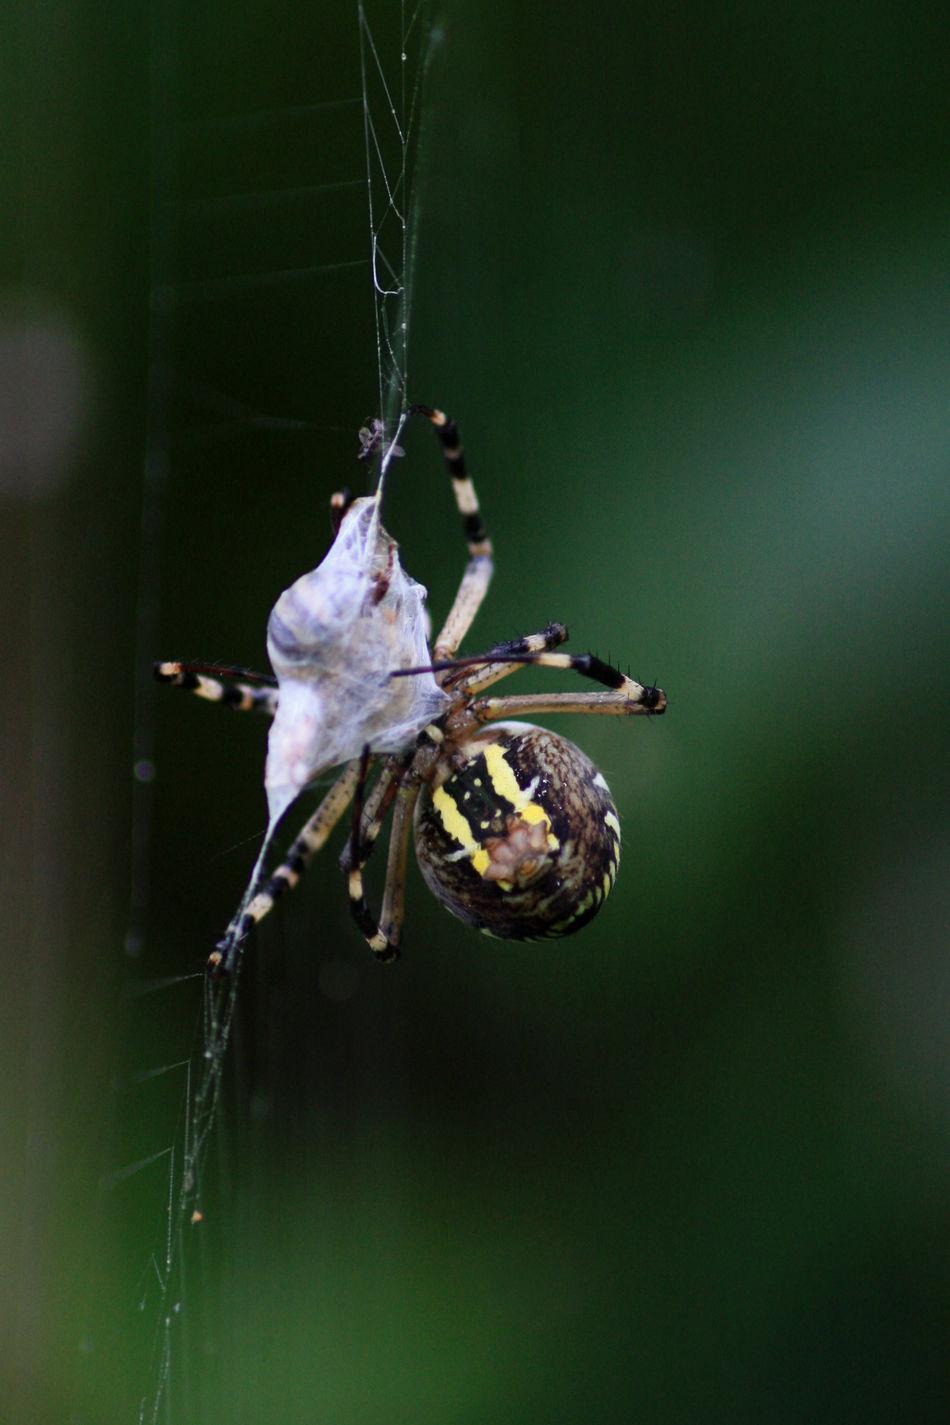 Detail Focus On Foreground Nature Spider Spiderweb Spinne Spinne Fängt Beute Spinnennetz Spinnweben Wespenspinne Wildlife